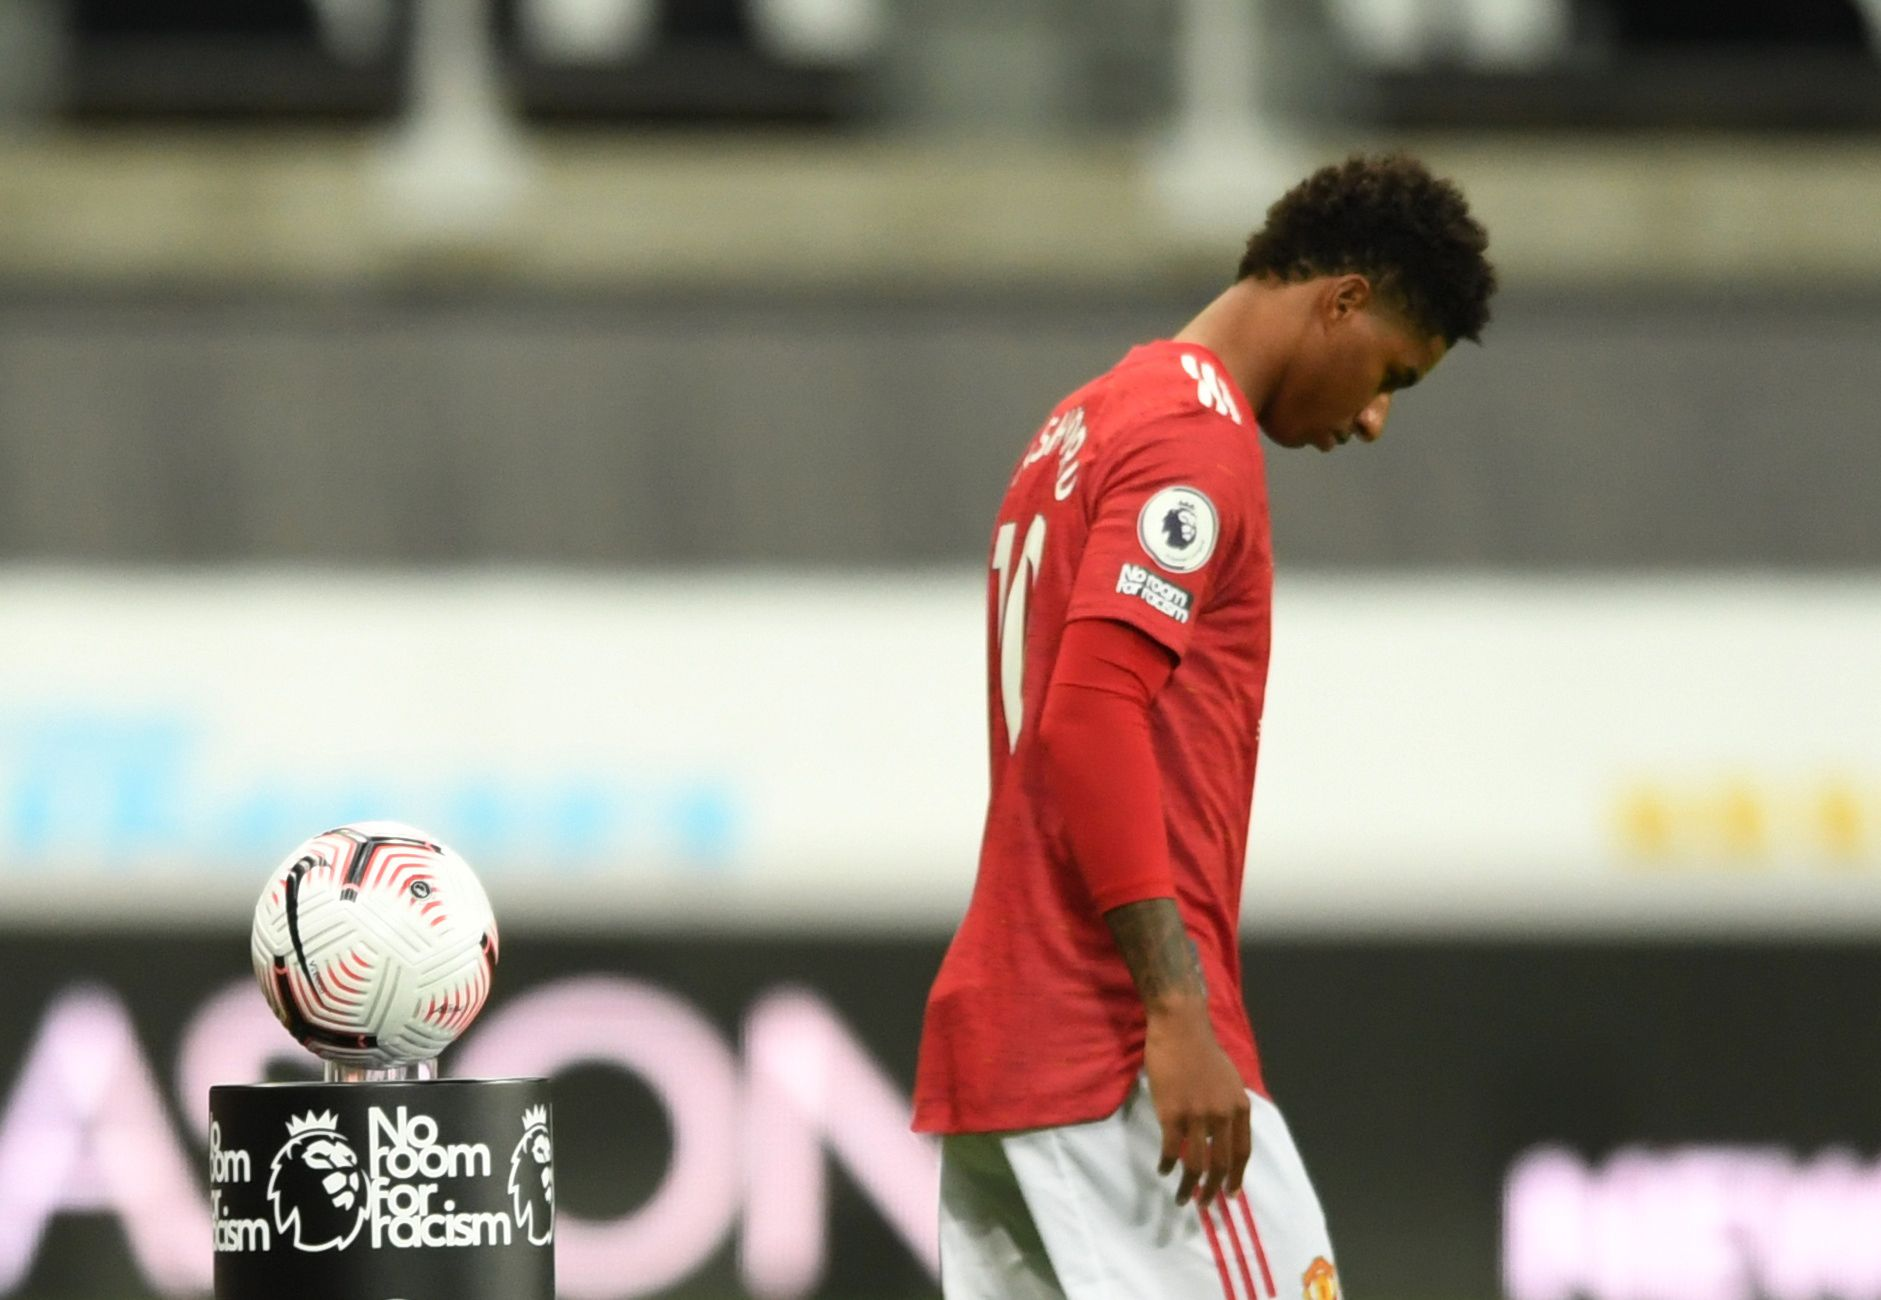 """La Premier League su sumó al movimiento """"No hay lugar para el racismo"""" para combatir la discriminación (Reuters)"""